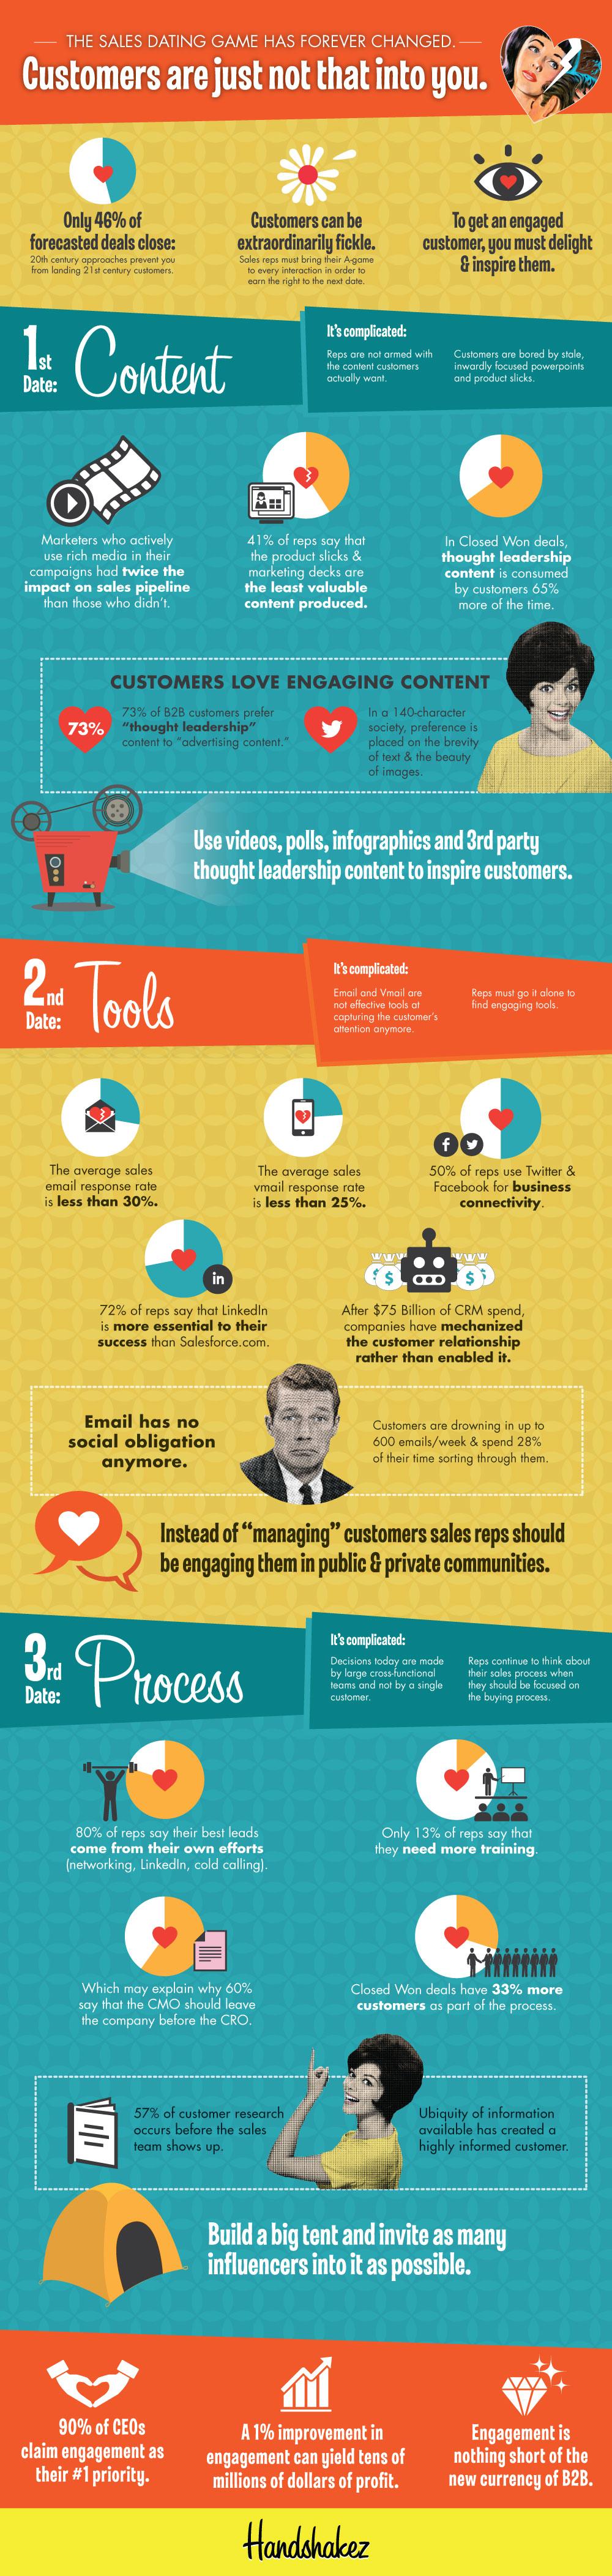 06 Handshakez_Infographic